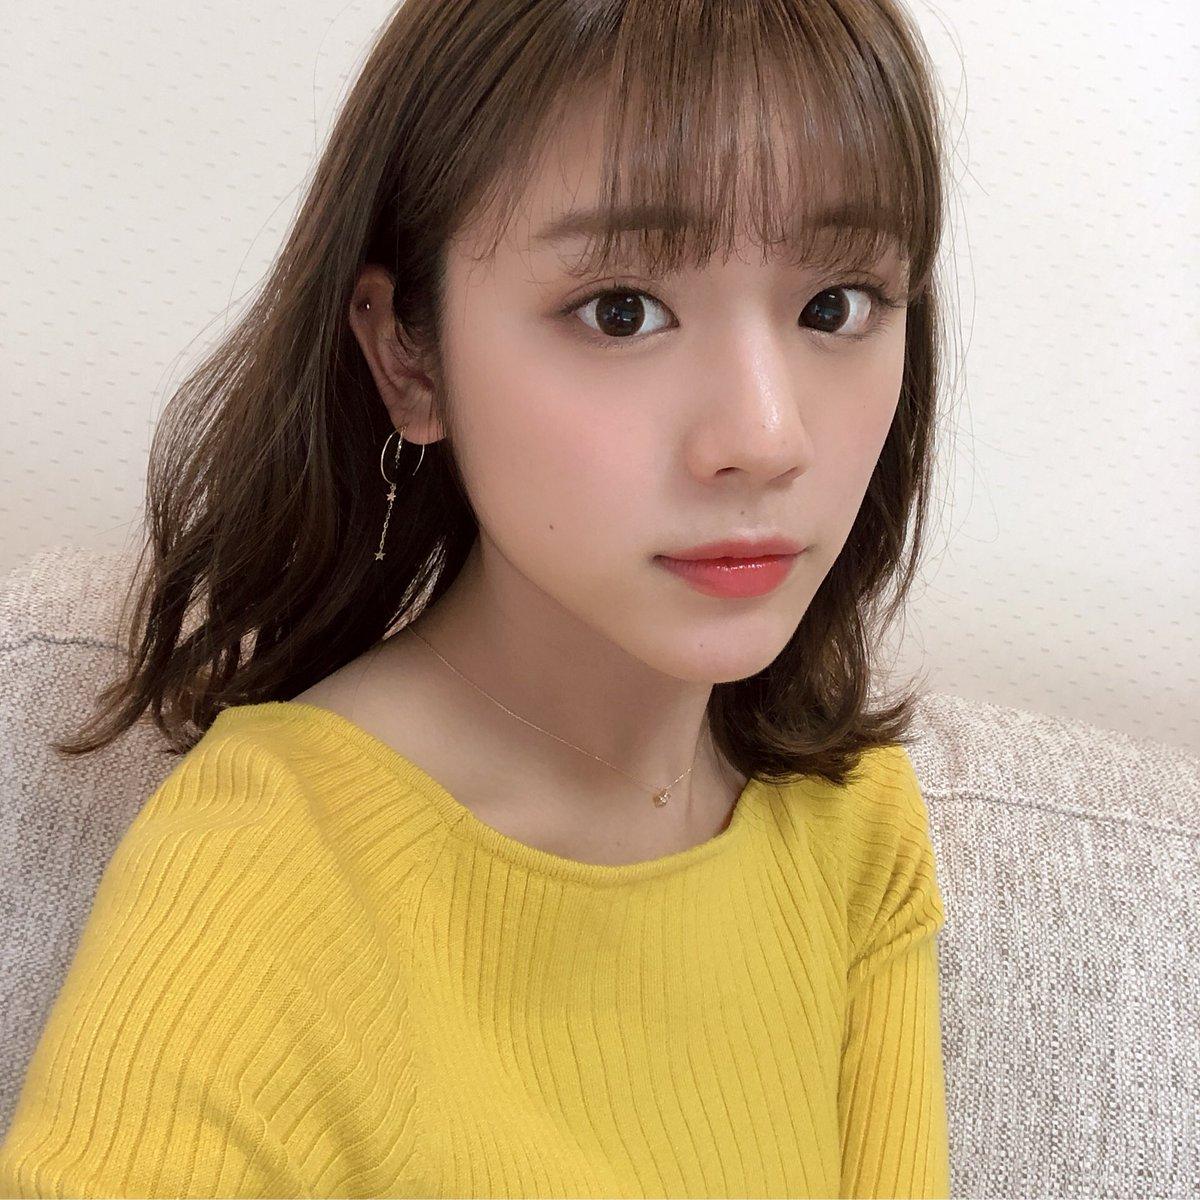 貴島明日香(きじまあすか)のプロフィール・畫像・出演 ...